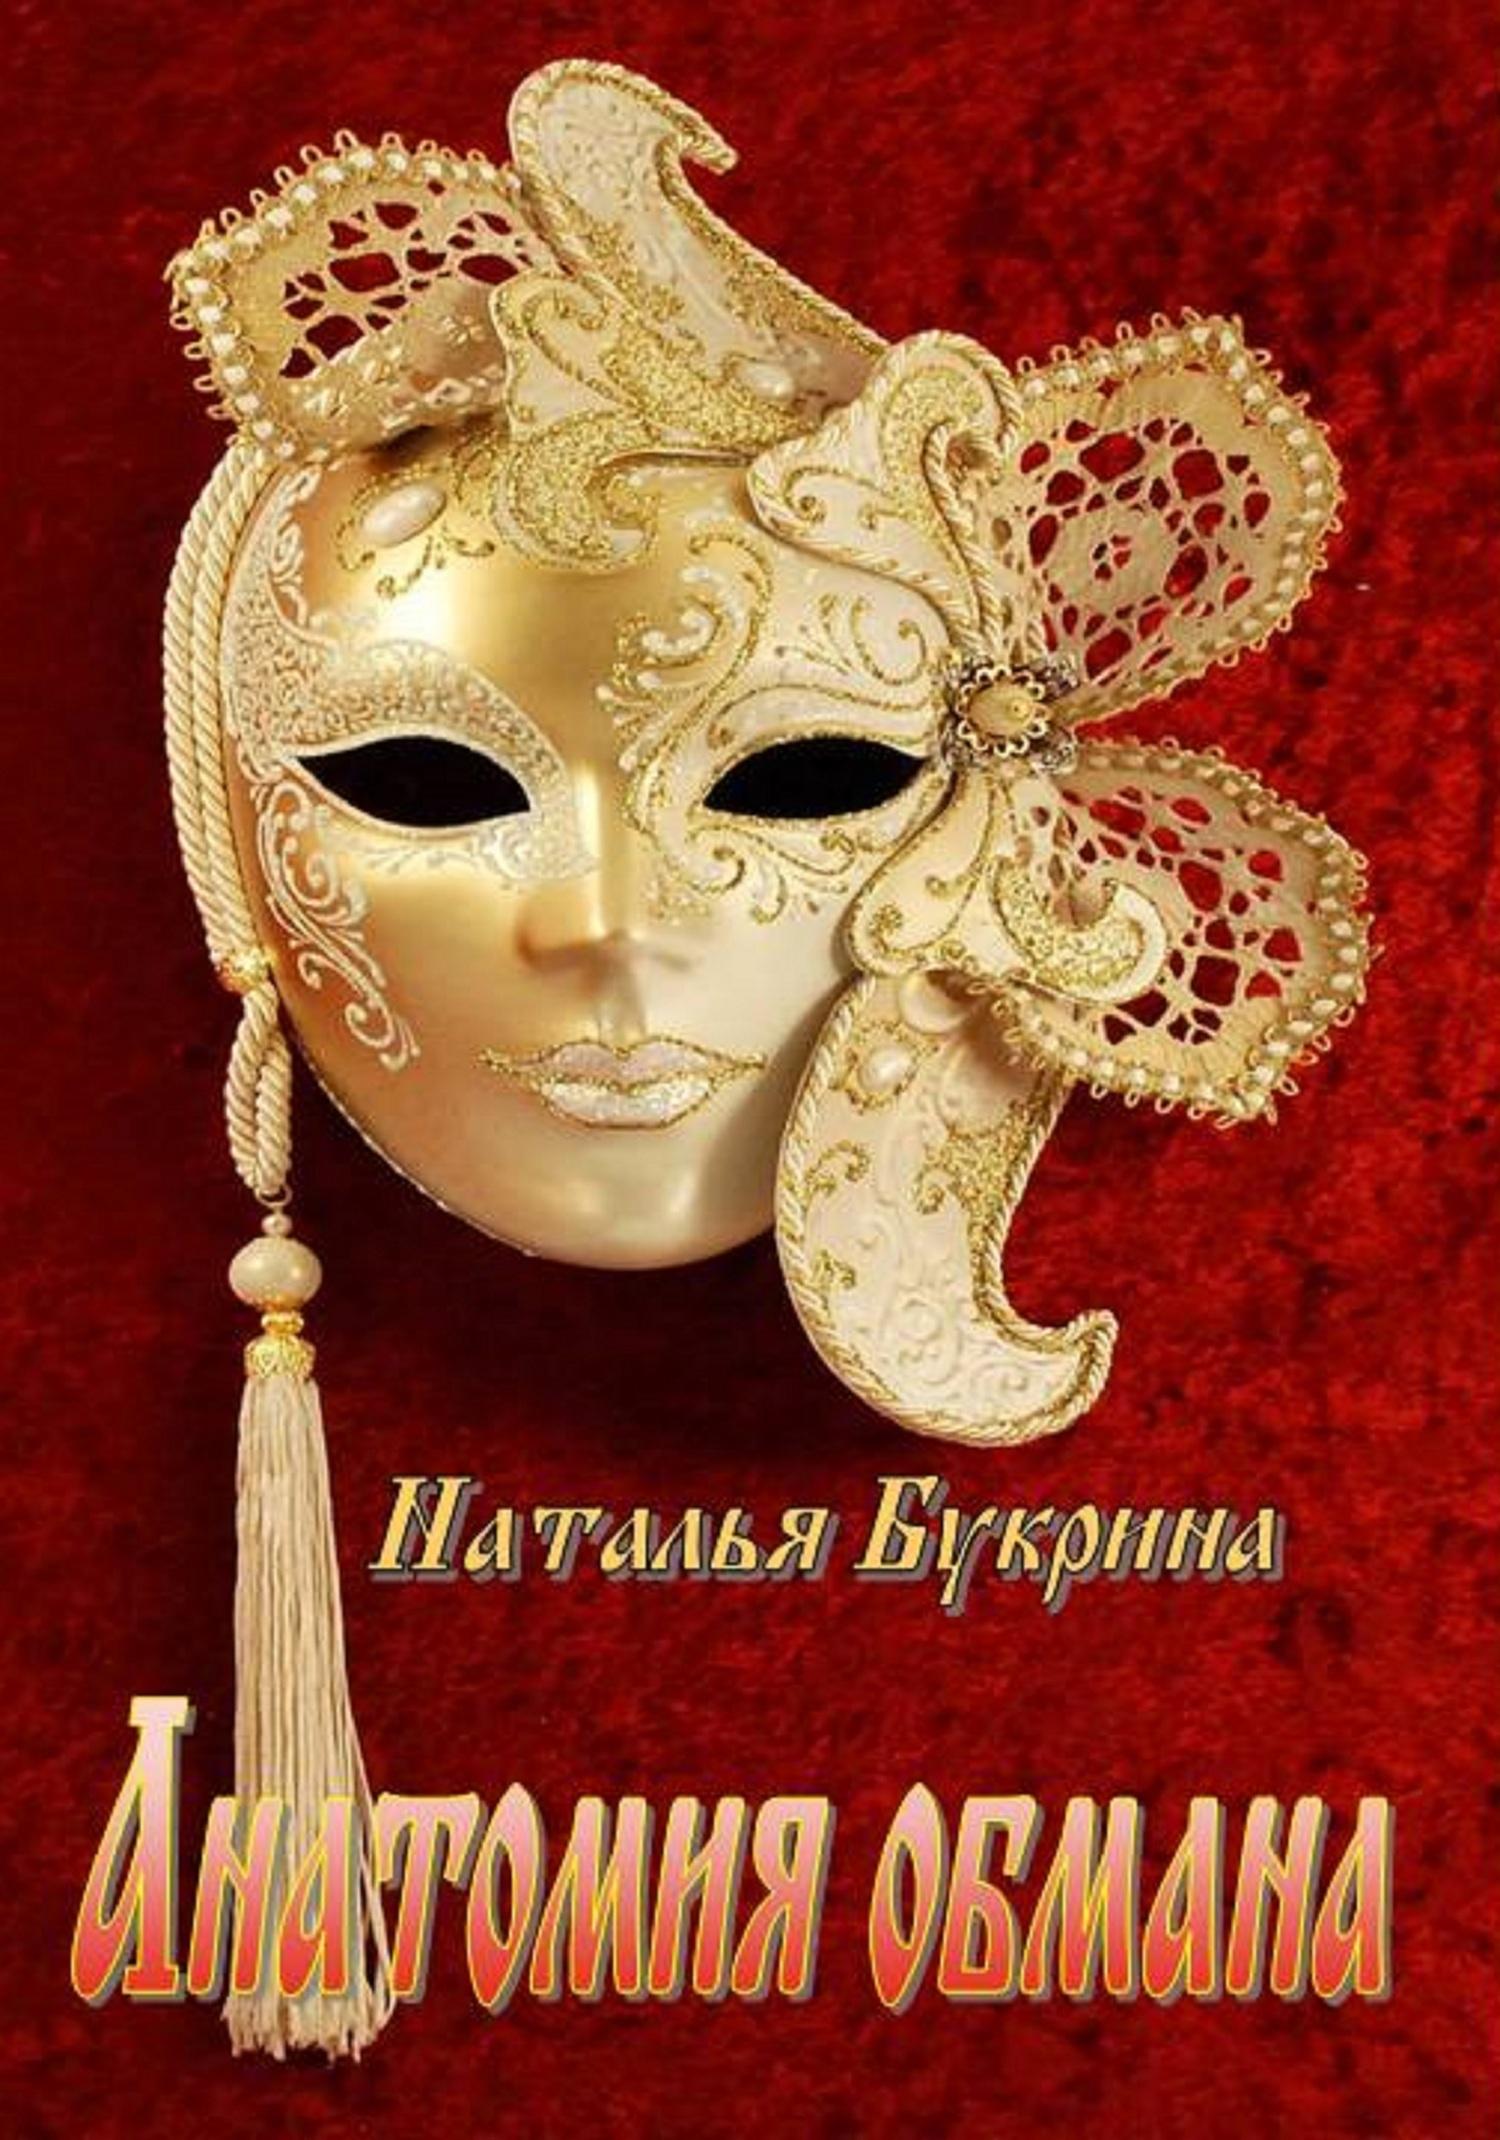 Обложка книги Анатомия обмана, автор Наталья Андреевна Букрина